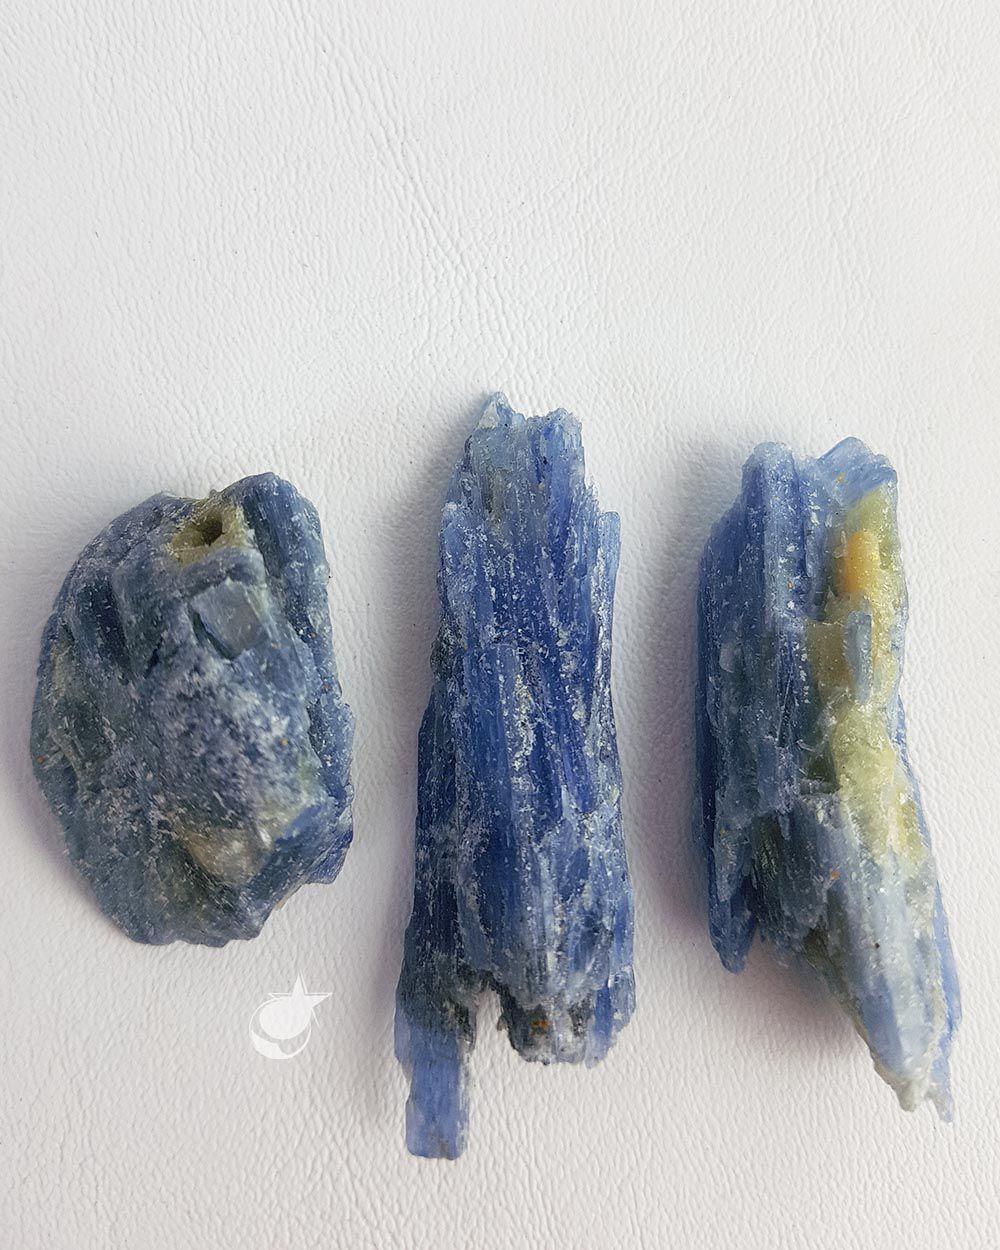 CIANITA AZUL  - PACOTE 46 a 50g